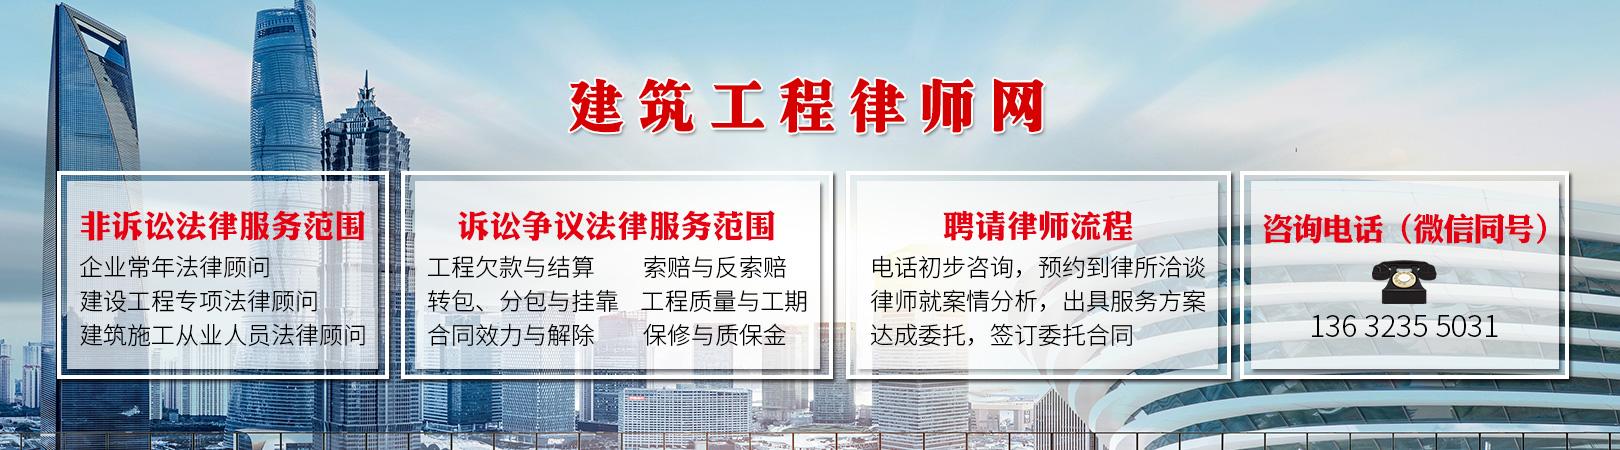 广州商品房买卖合同律师